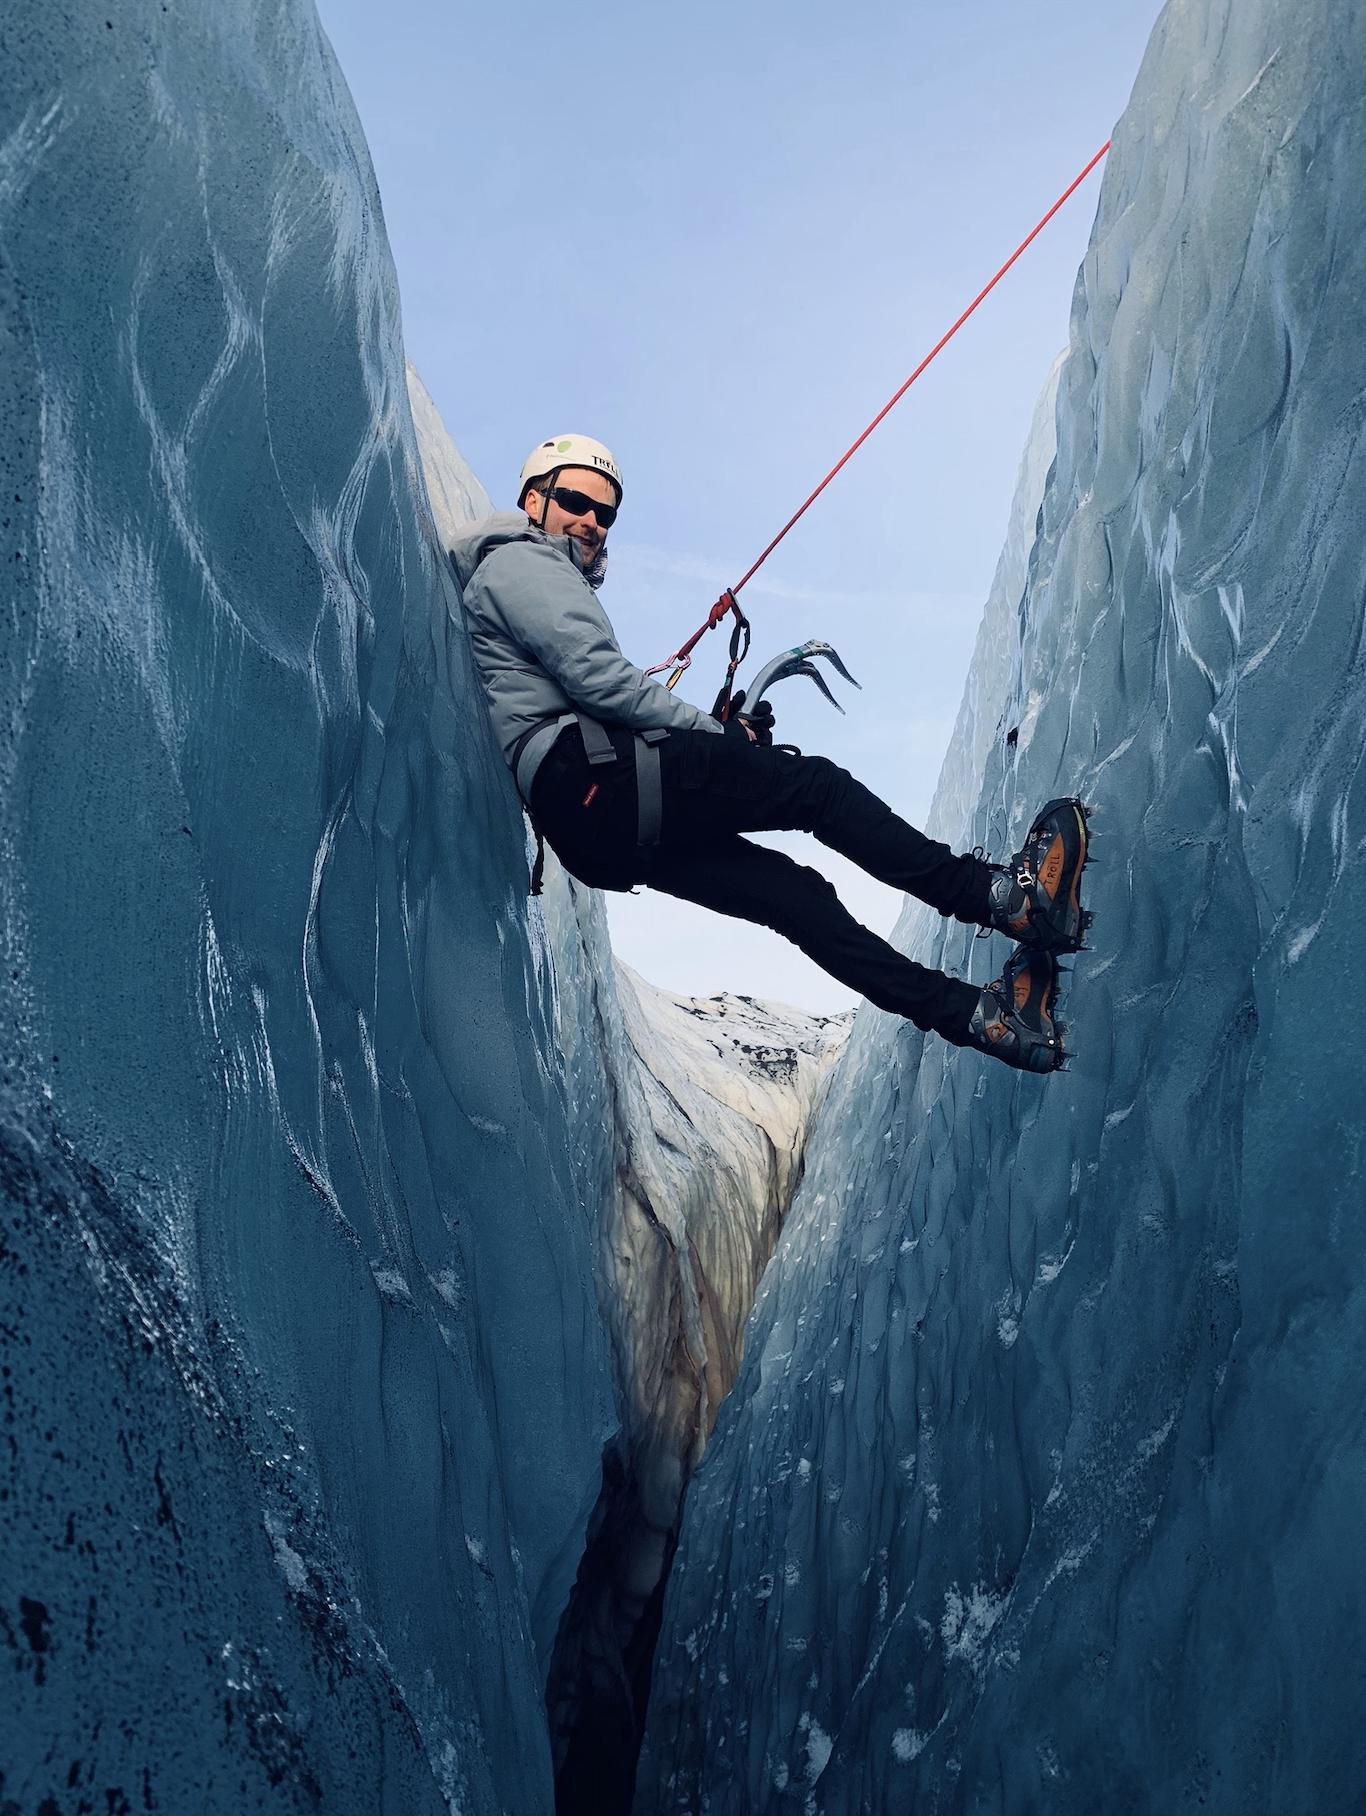 Doskonała 4-godzinna wspinaczka po lodowcu Solheimajokull